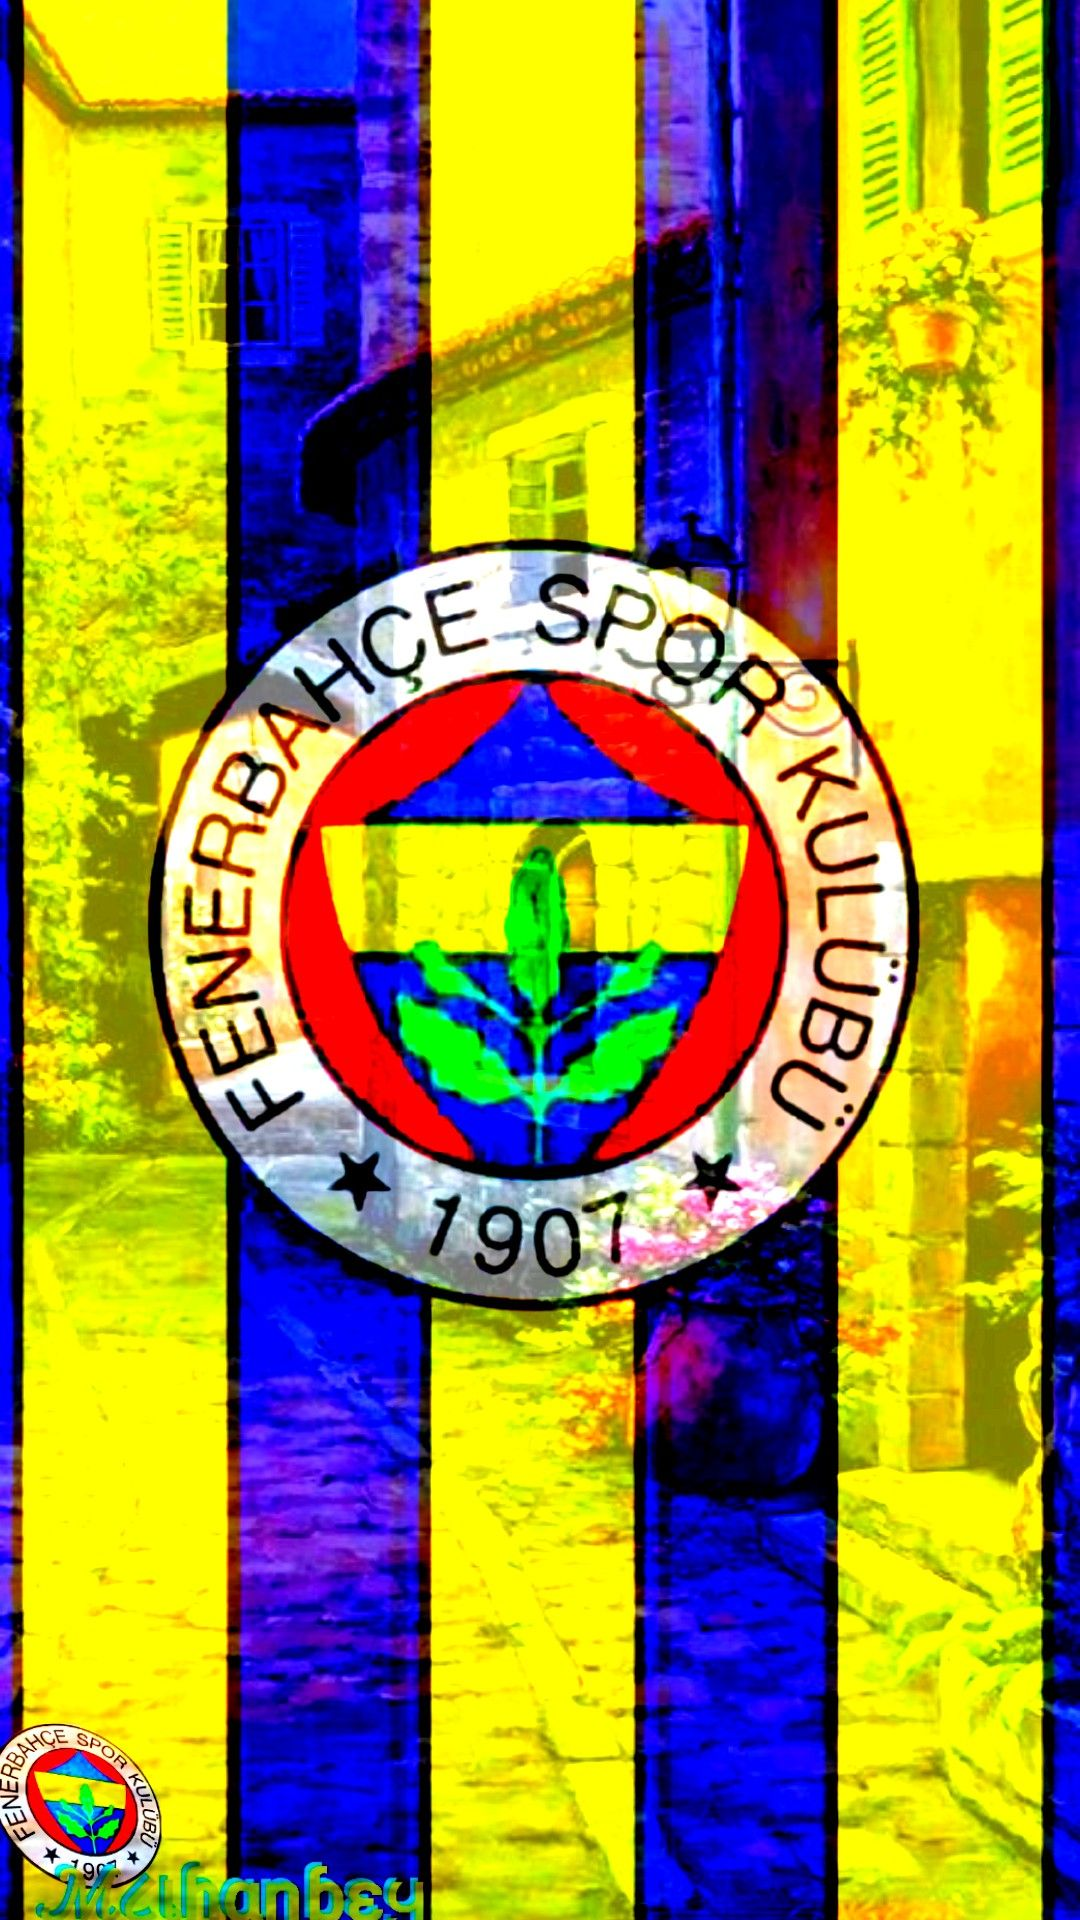 ૮เɦαɳɓεყ adlı kullanıcının Fenerbahçe panosundaki Pin, 2020